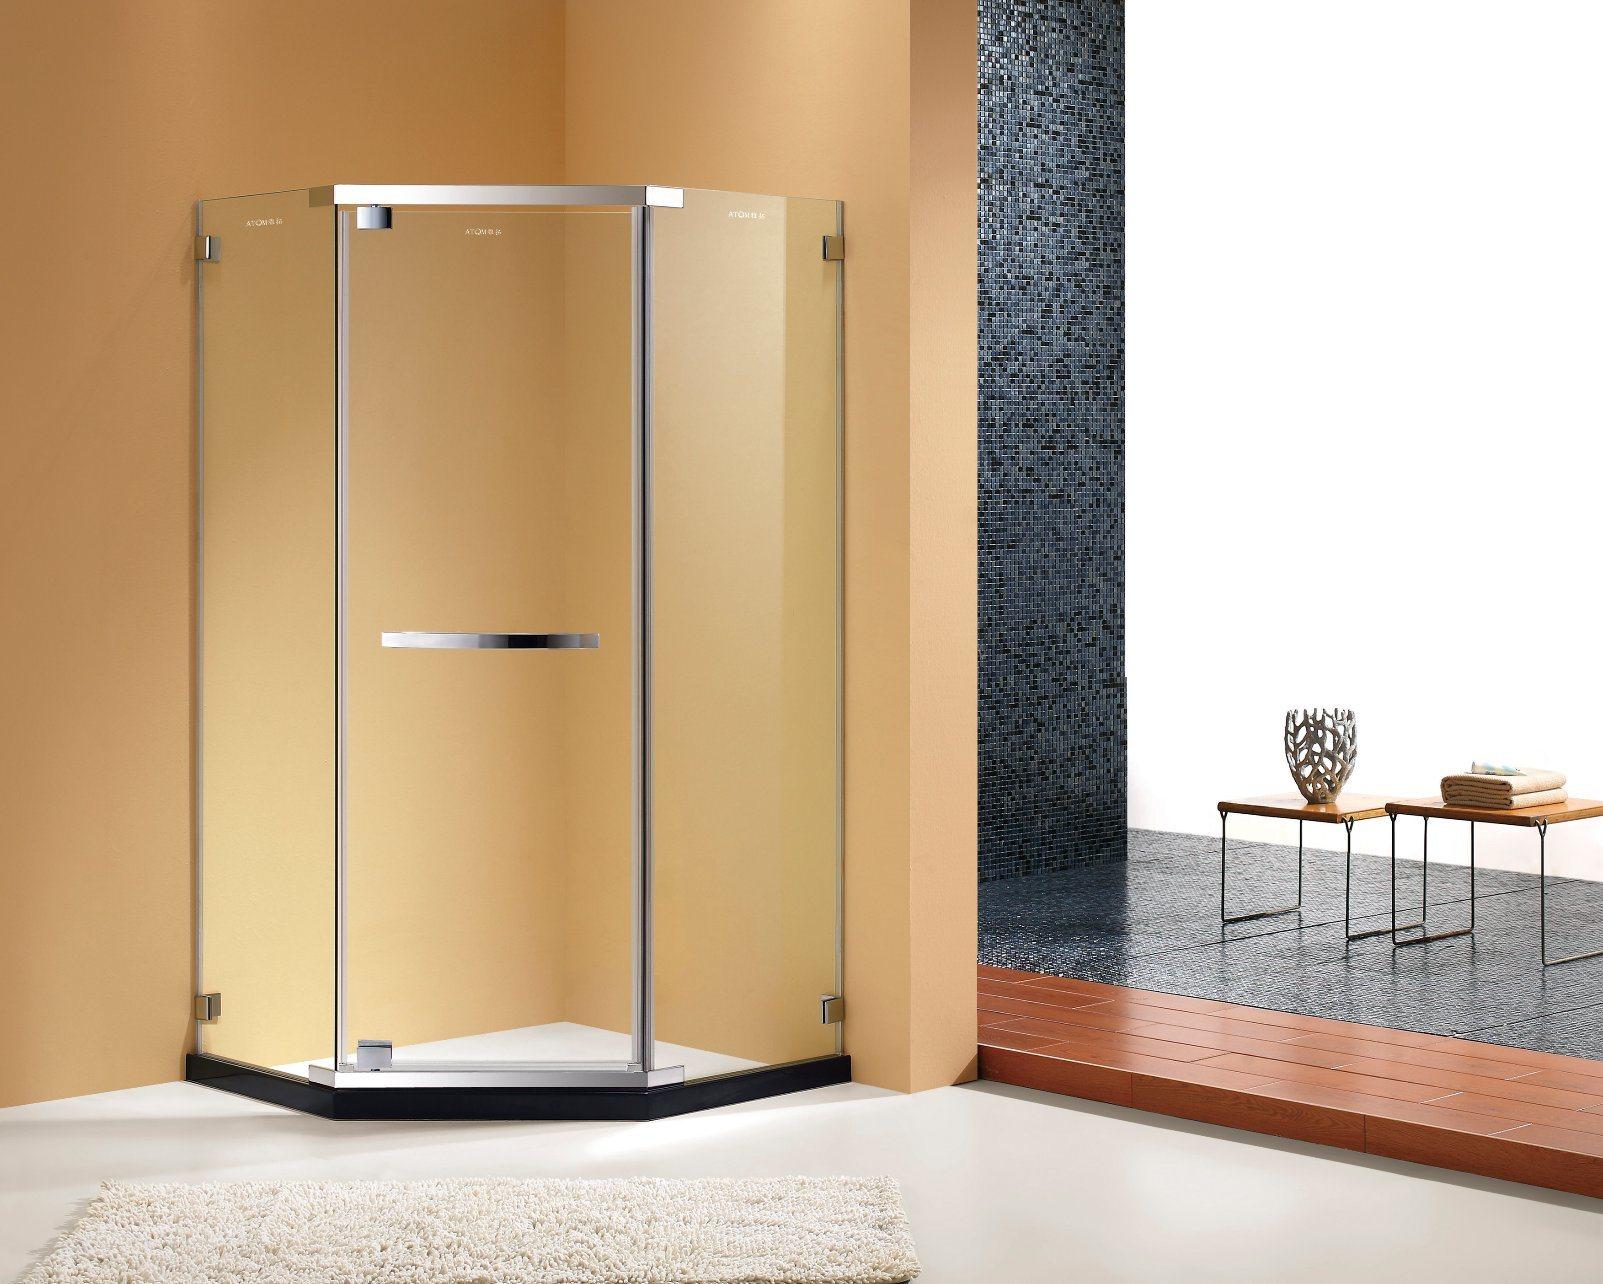 Hot Item Brushed Nickel Semi Framed Pivot Shower Door Shower Enclosure